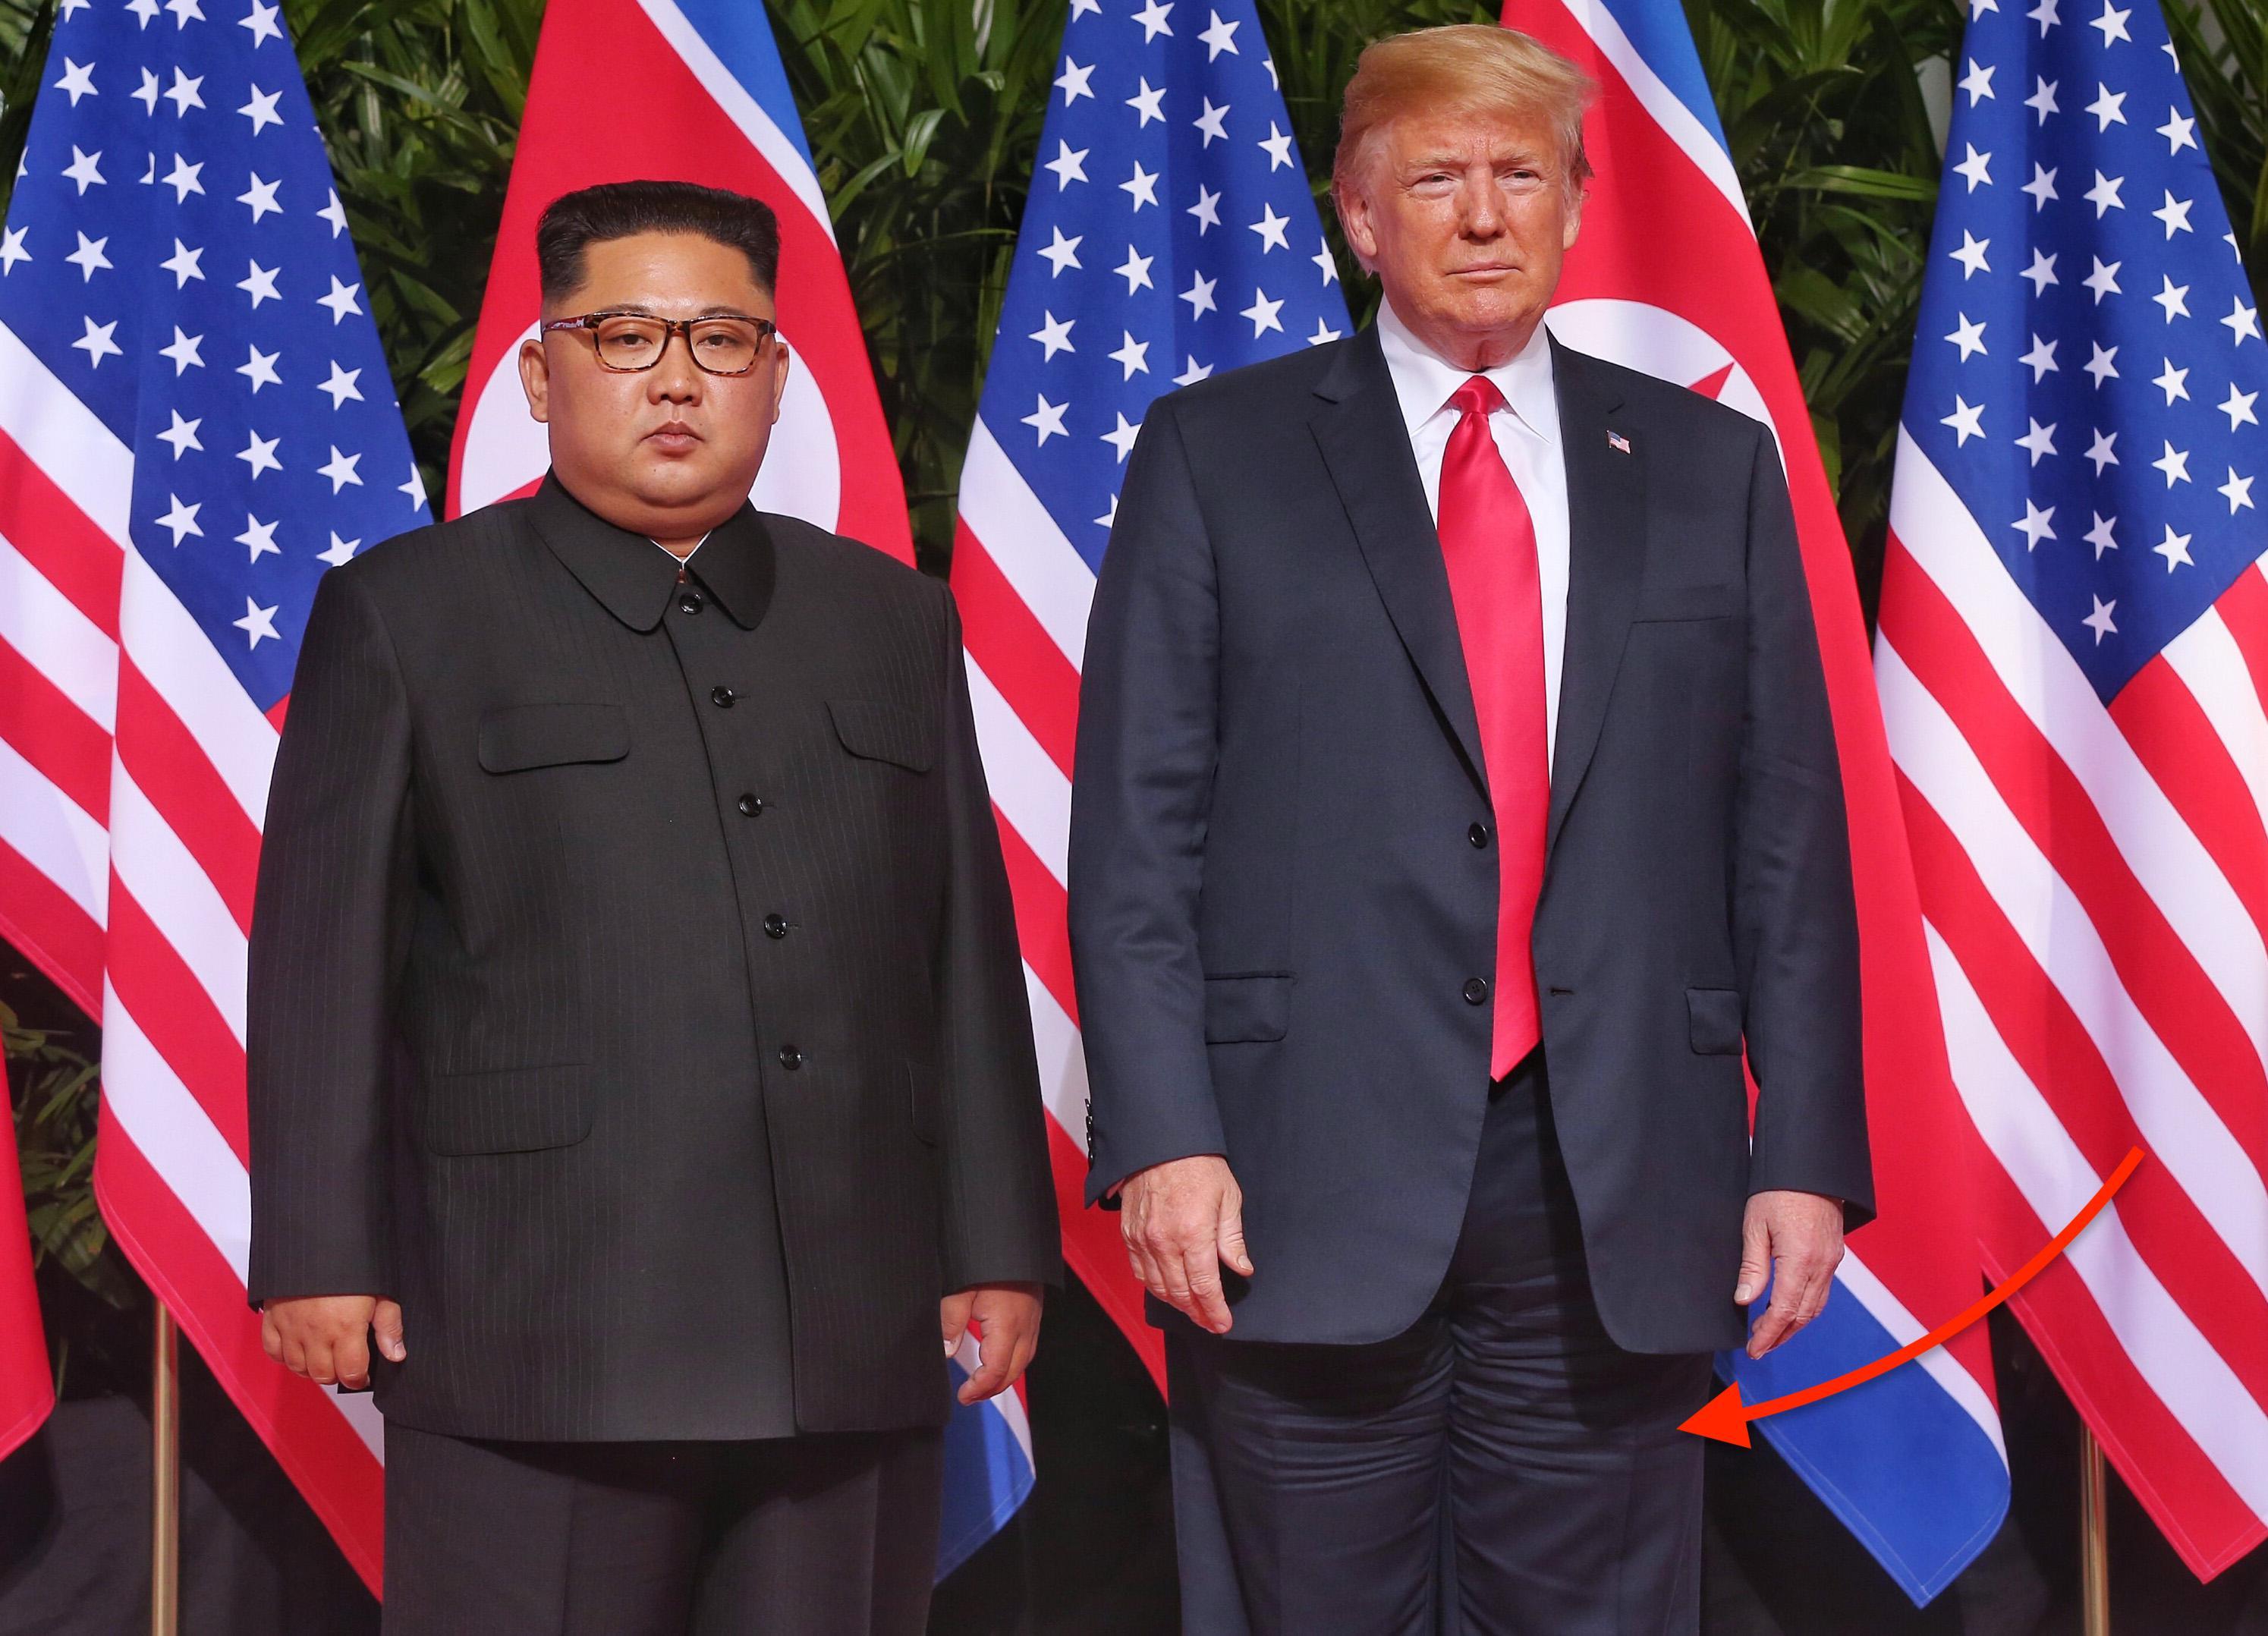 U.S. President Trump Meets North Korean Leader Kim Jong-un During Landmark Summit In Singapore focus on suit wrinkles